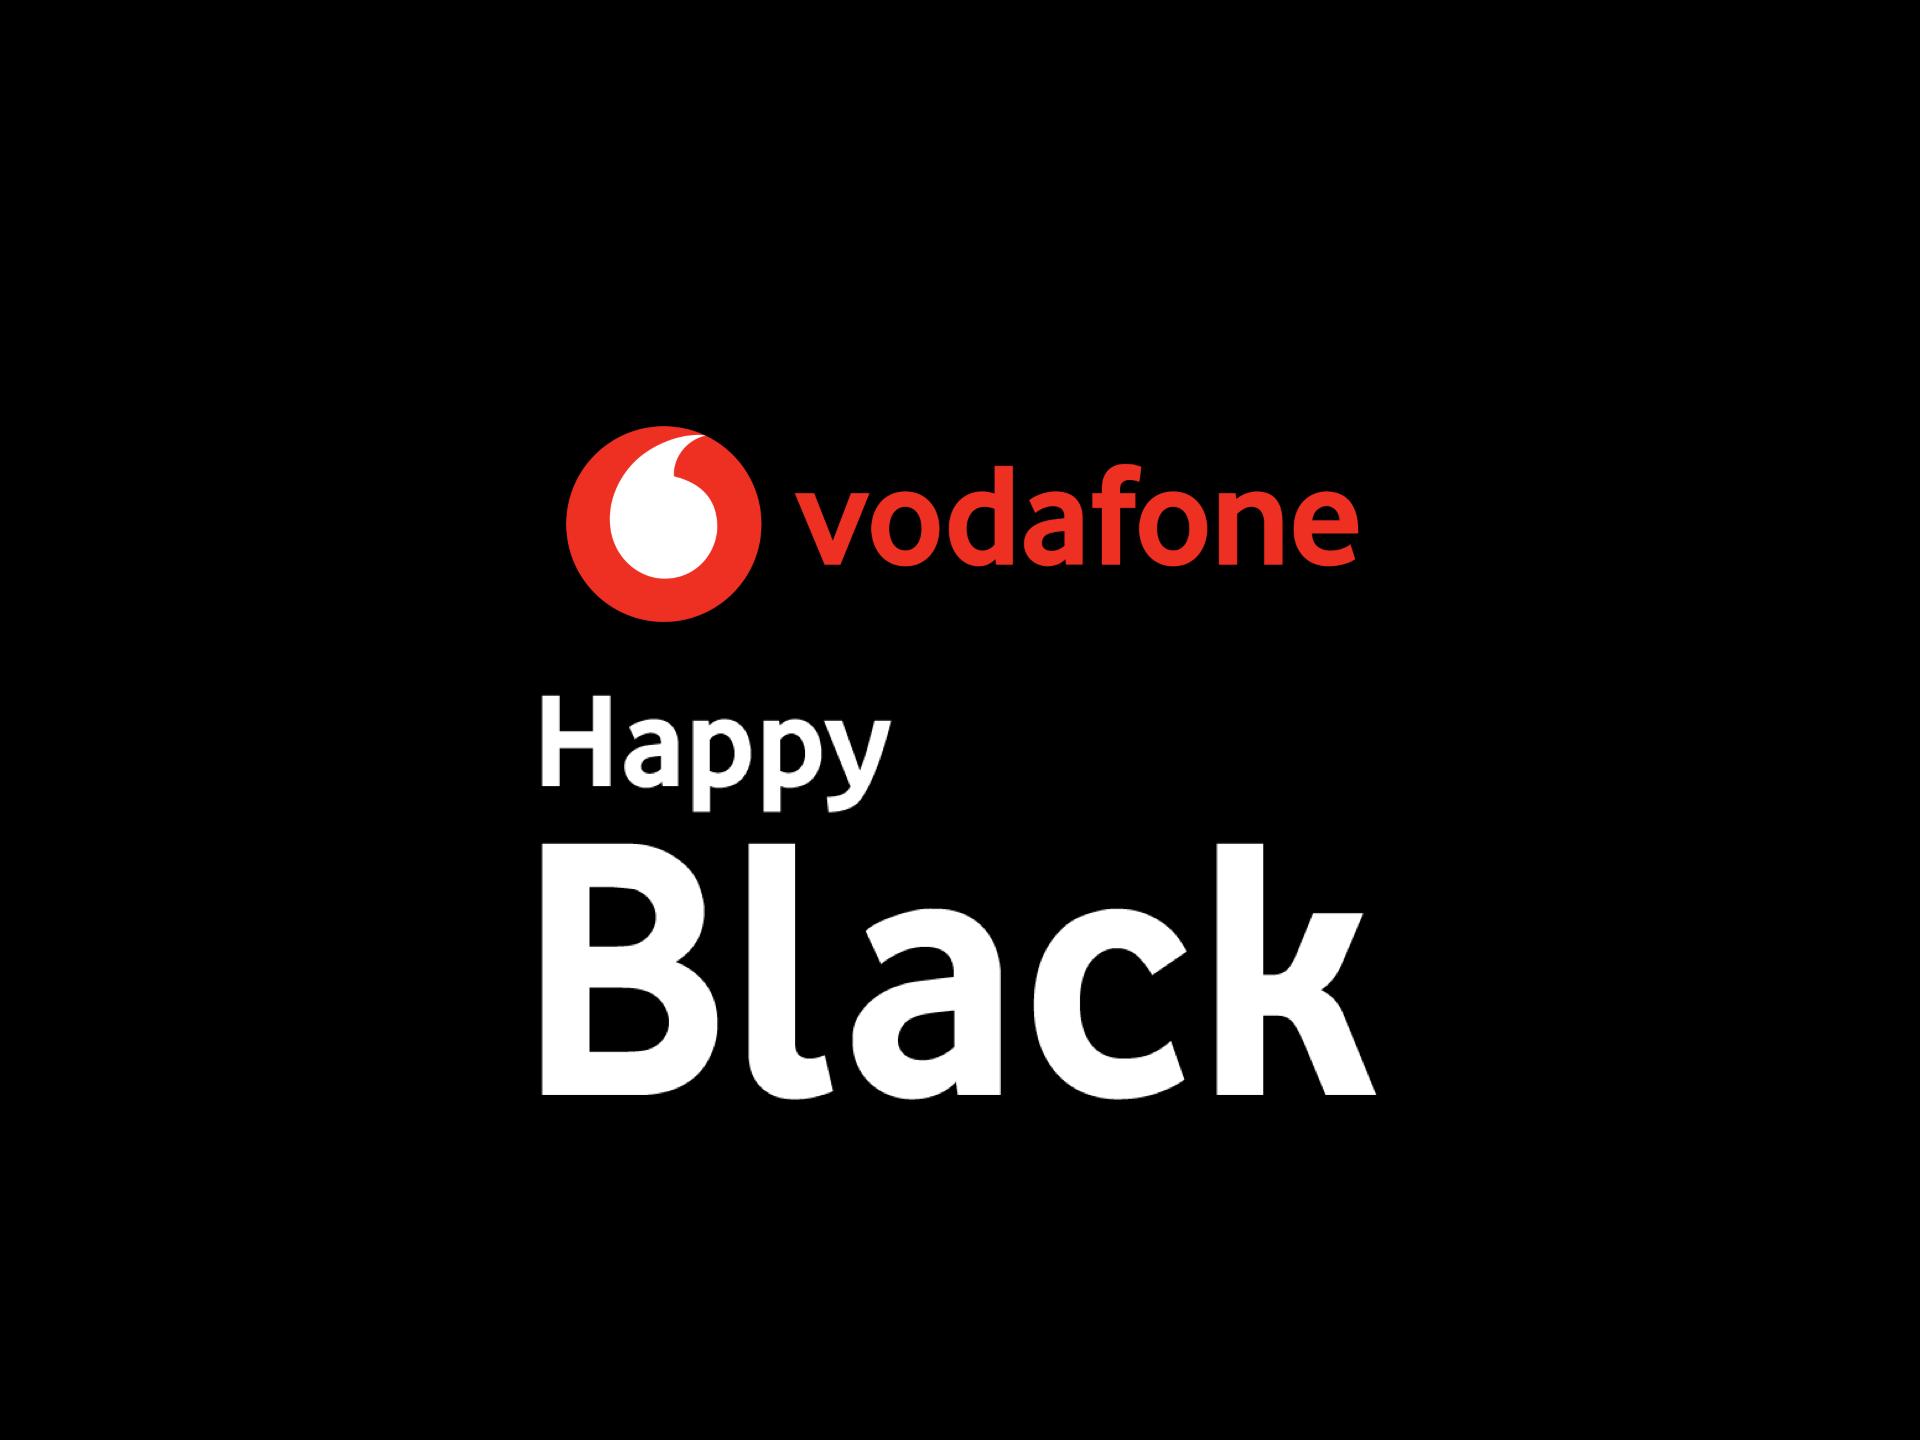 Vodafone sta offrendo Happy Black gratis per 3 mesi ad alcun